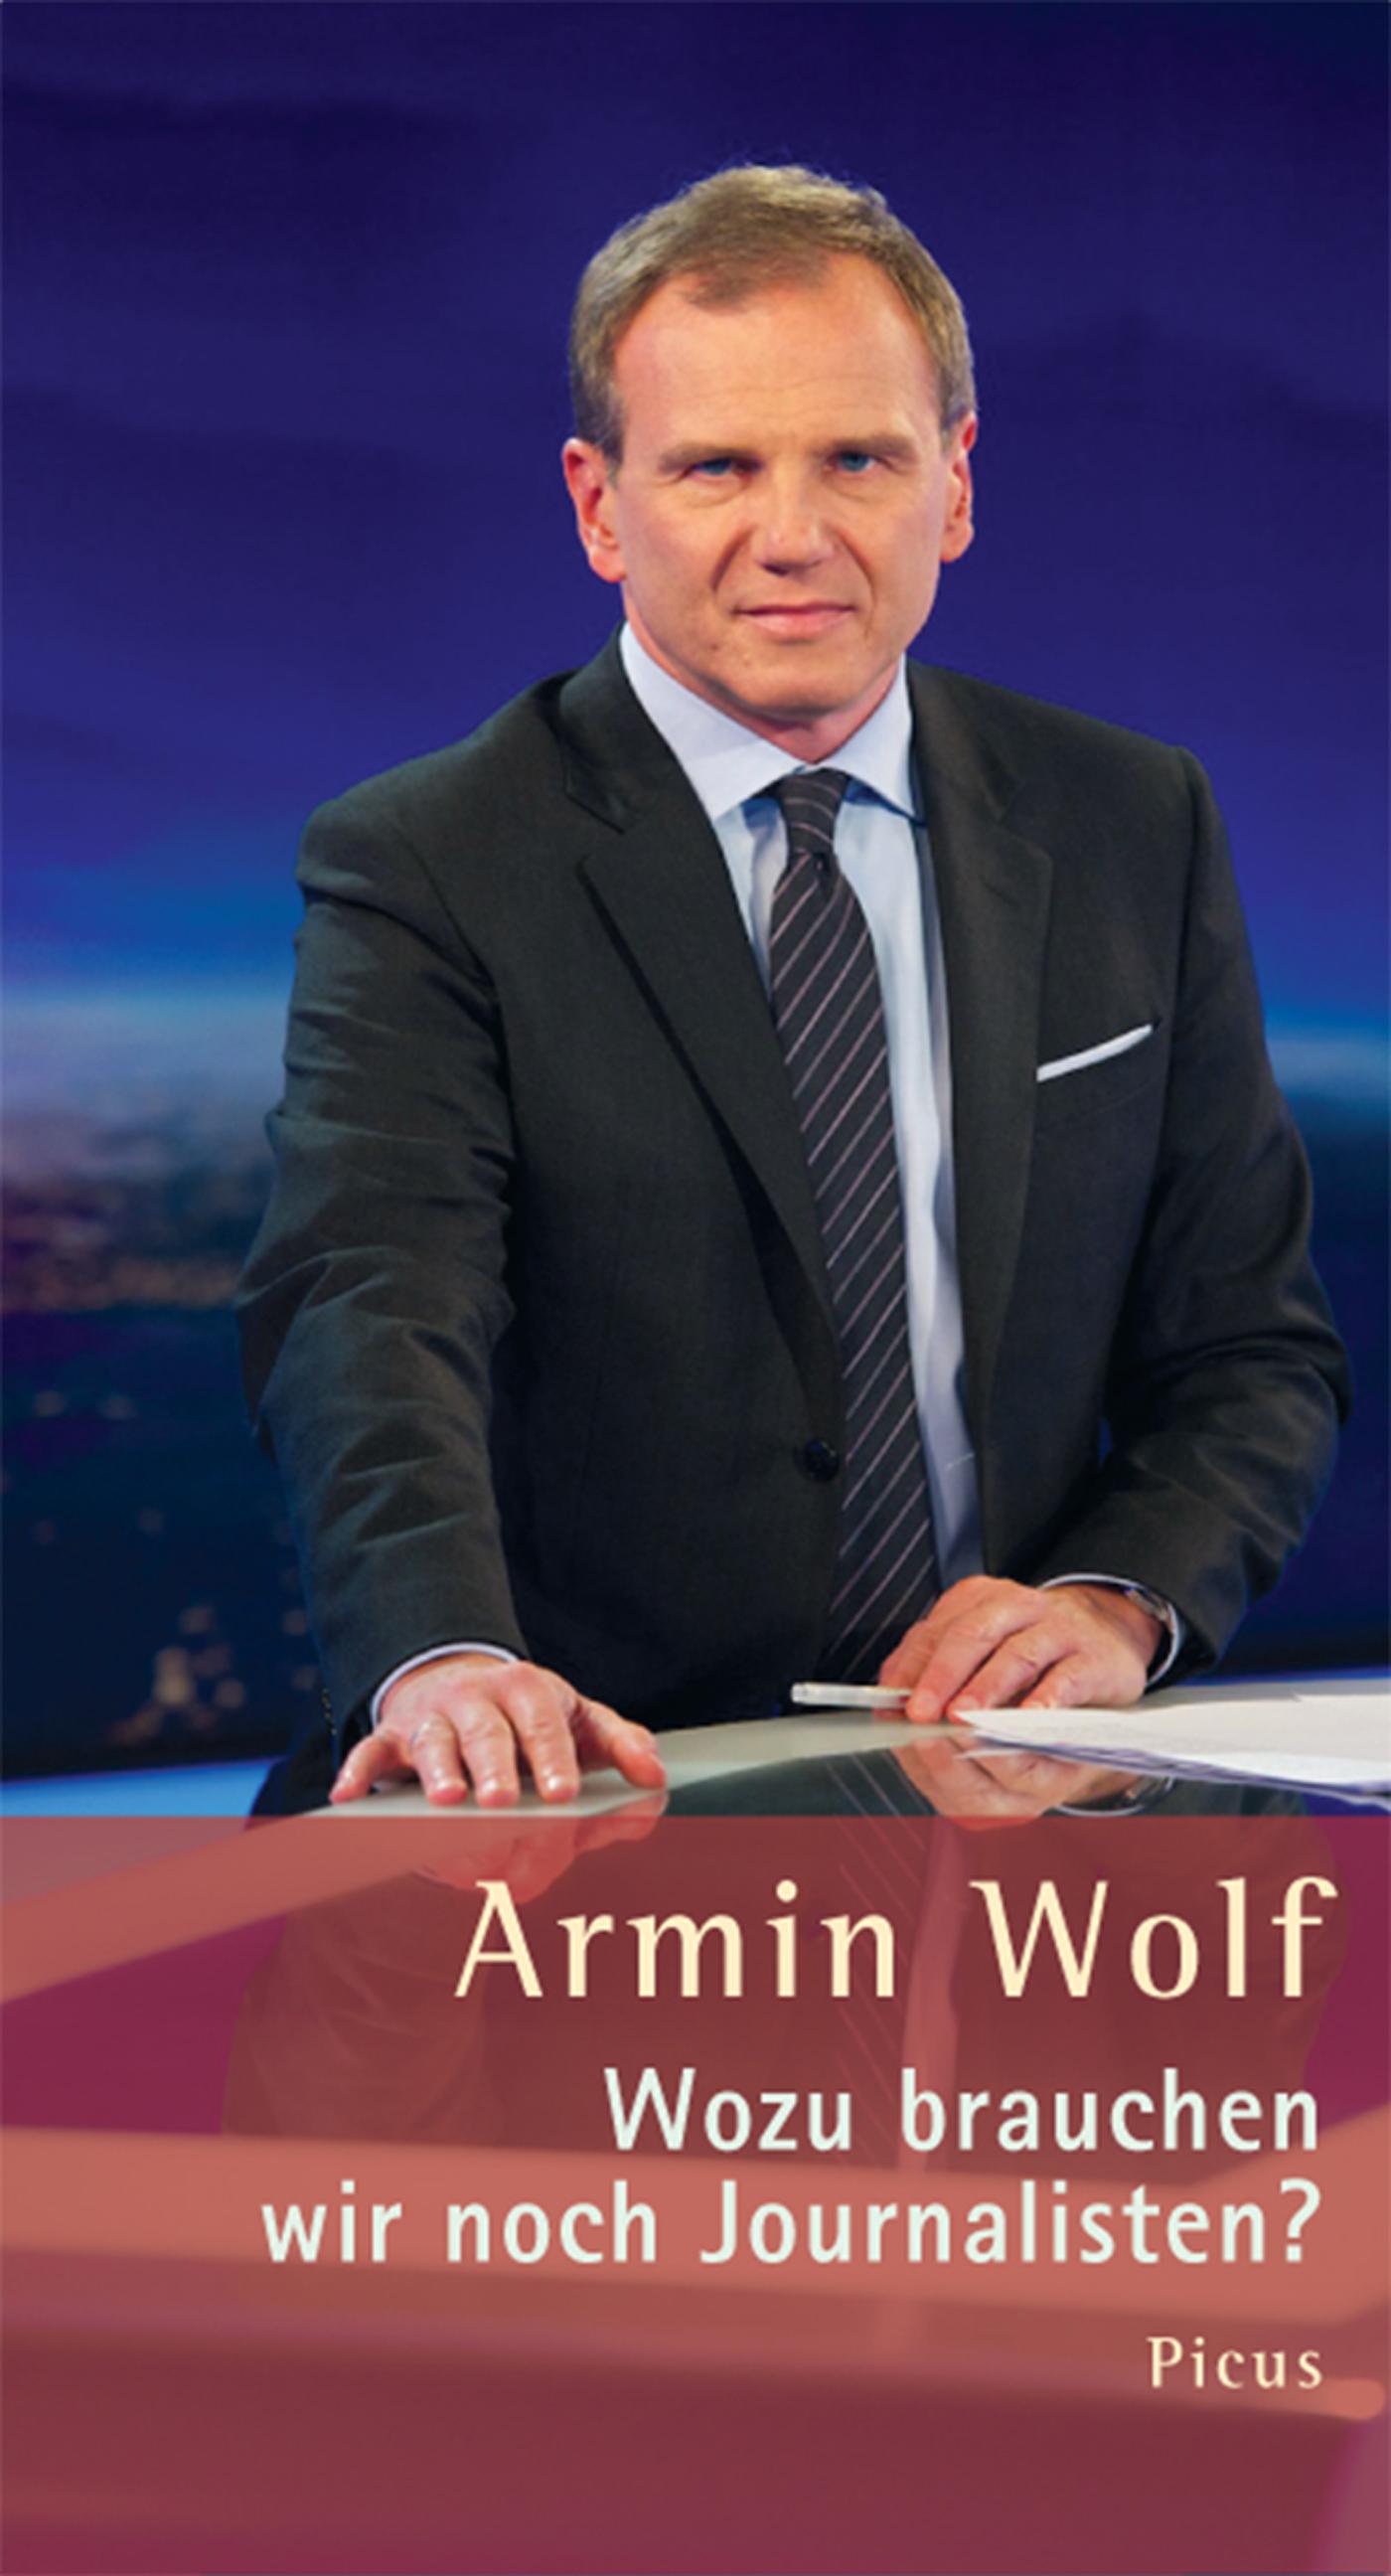 Armin Wolf Wozu brauchen wir noch Journalisten? armin wolf wozu brauchen wir noch journalisten